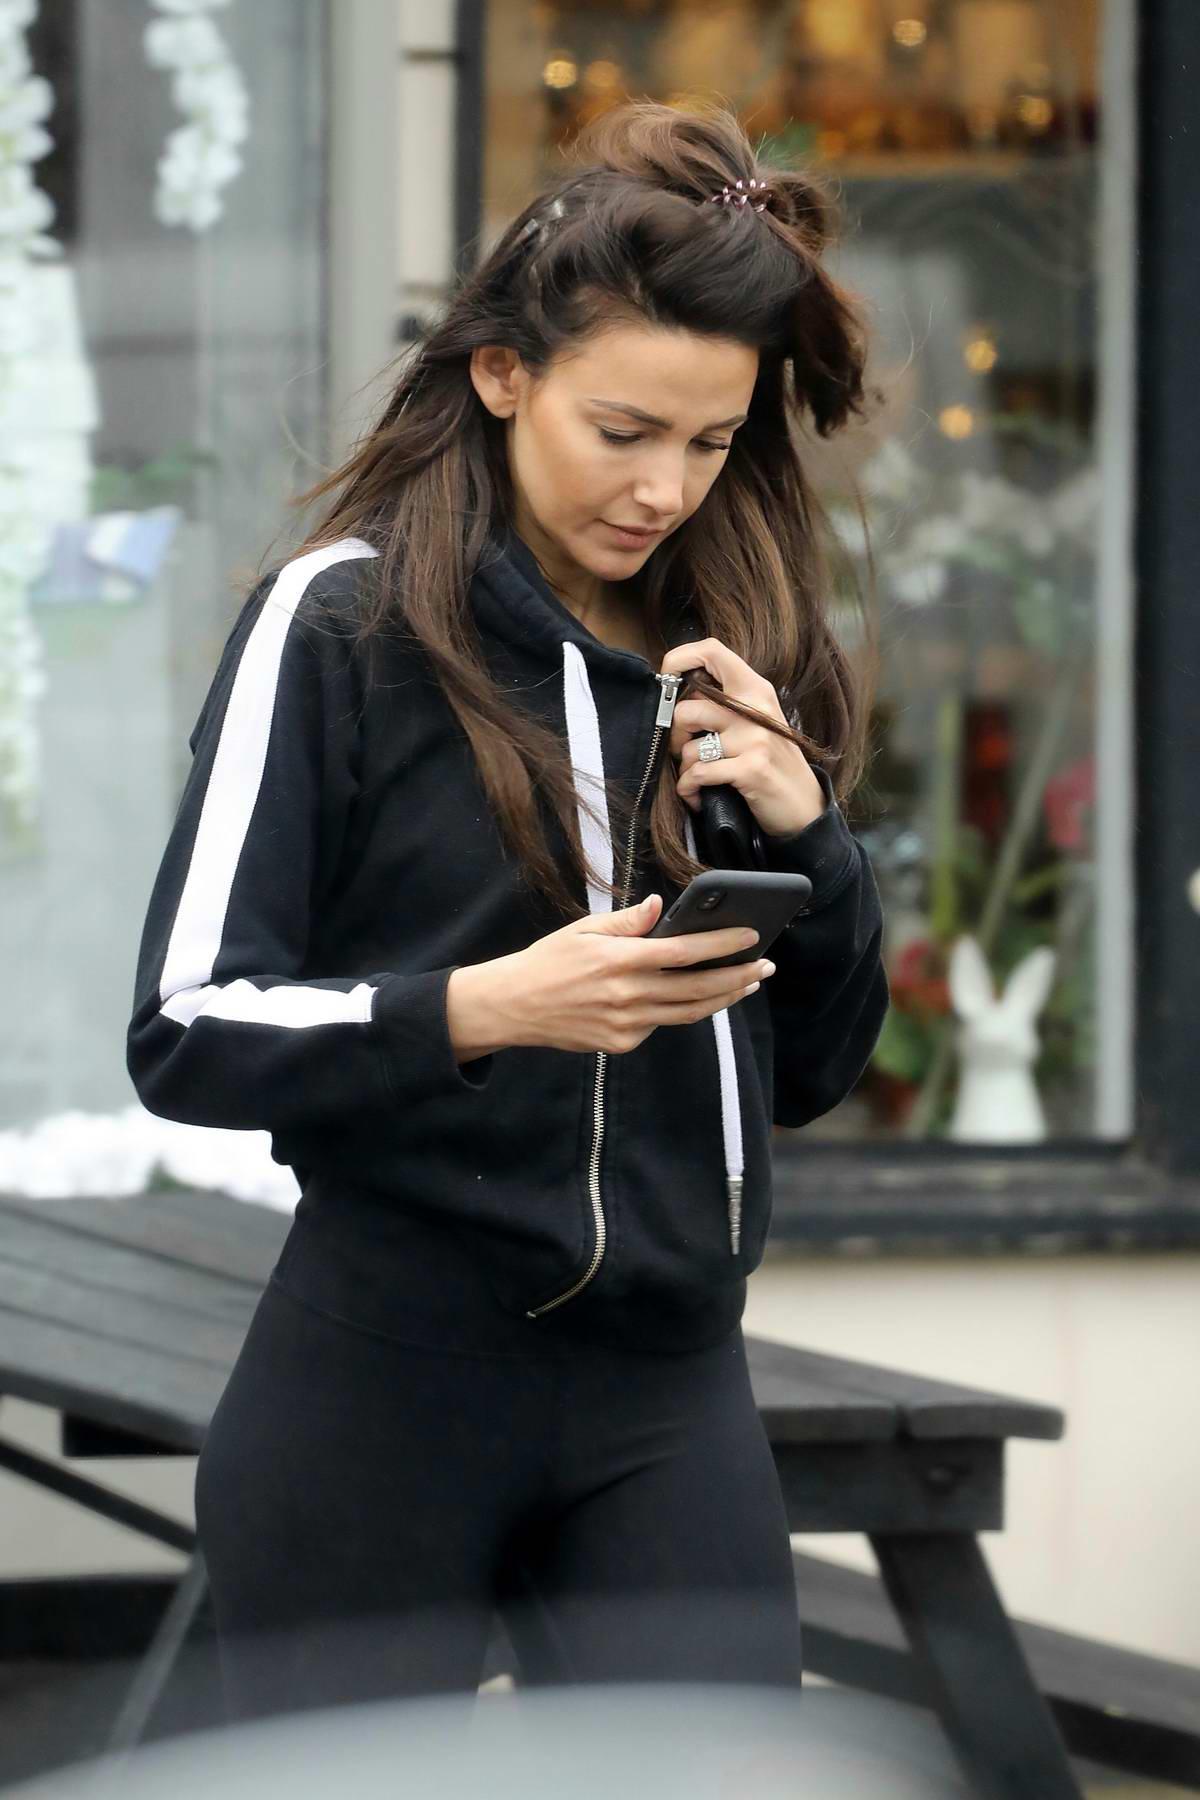 Michelle Keegan steps out in a black hoodie and leggings in Brentwood, Essex, UK